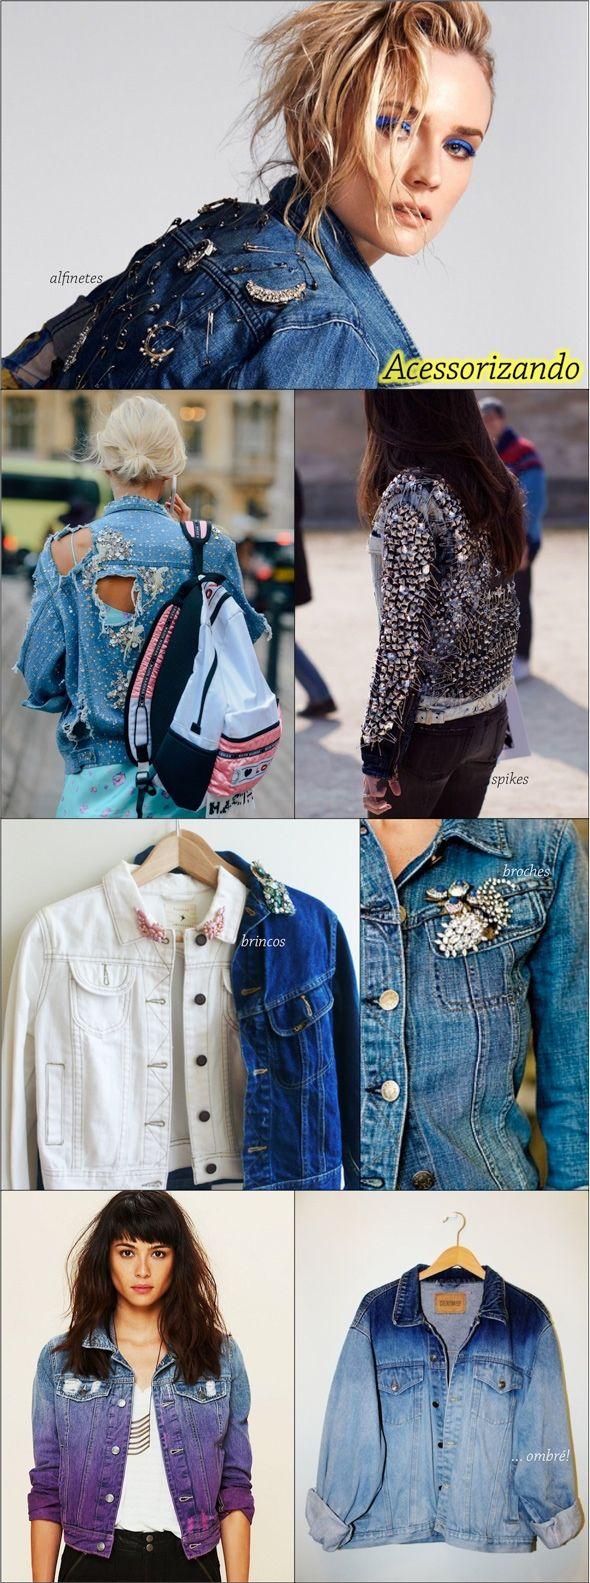 Taí um item atemporal, mas também célebre ícone dos anos anos 90: jaqueta jeans! Pode ser sua versão Planet Hollywood ou um modelo básico da Levi's, você abre no seu armário e tem pelo menos uma, senão duas…dado o vasto cenário, é peça fashion que pode ser irresistivelmente customizada! Esse post não é uma tendência […]